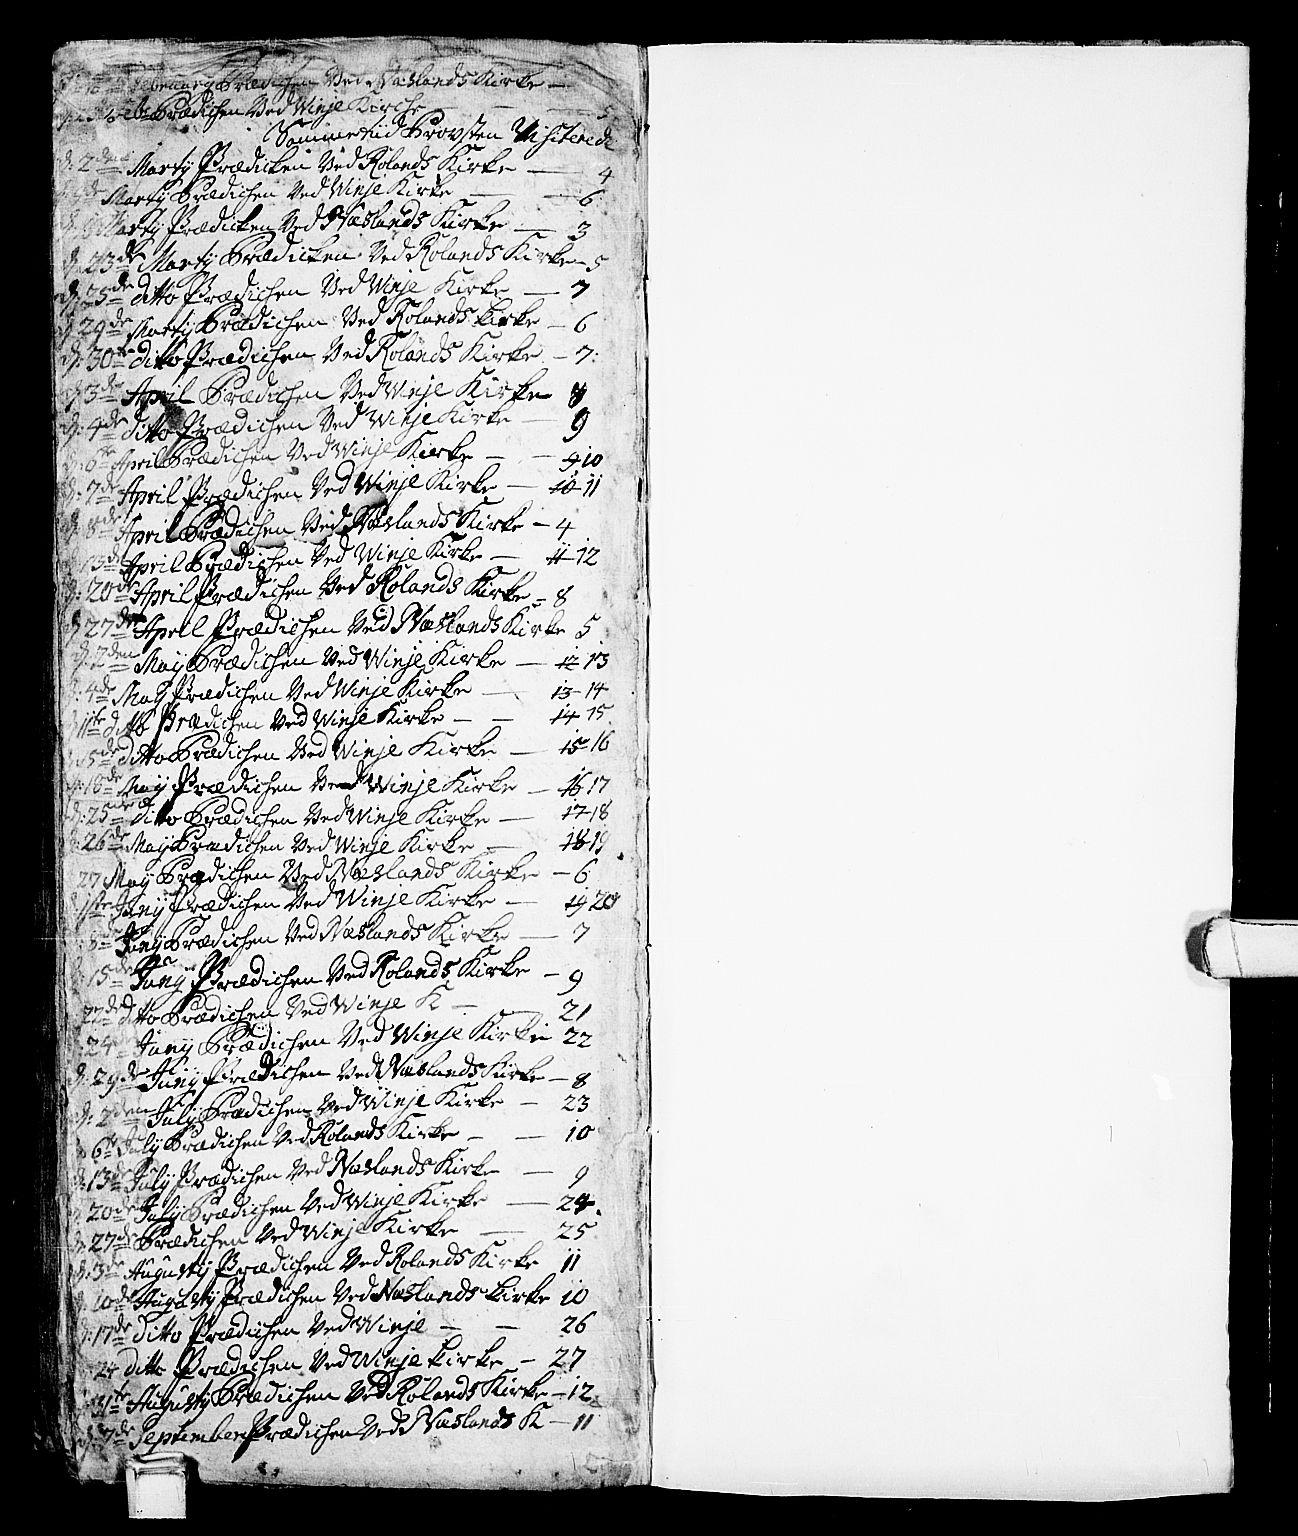 SAKO, Vinje kirkebøker, F/Fa/L0001: Ministerialbok nr. I 1, 1717-1766, s. 263